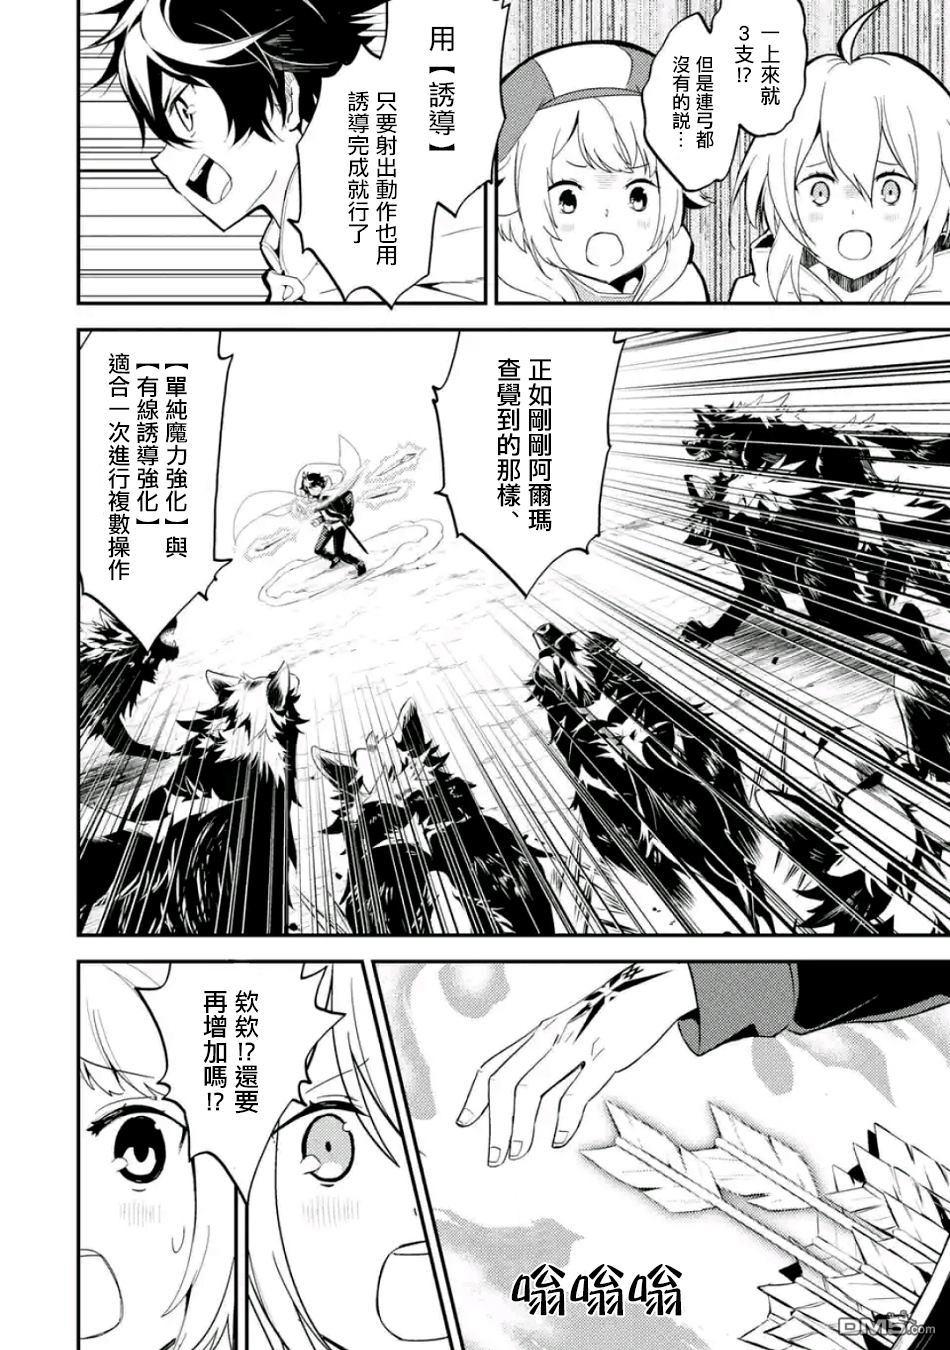 失格紋的最強賢者~世界最強的賢者為了變得更強而轉生了~漫畫第9.4話(第1頁)劇情-二次元動漫